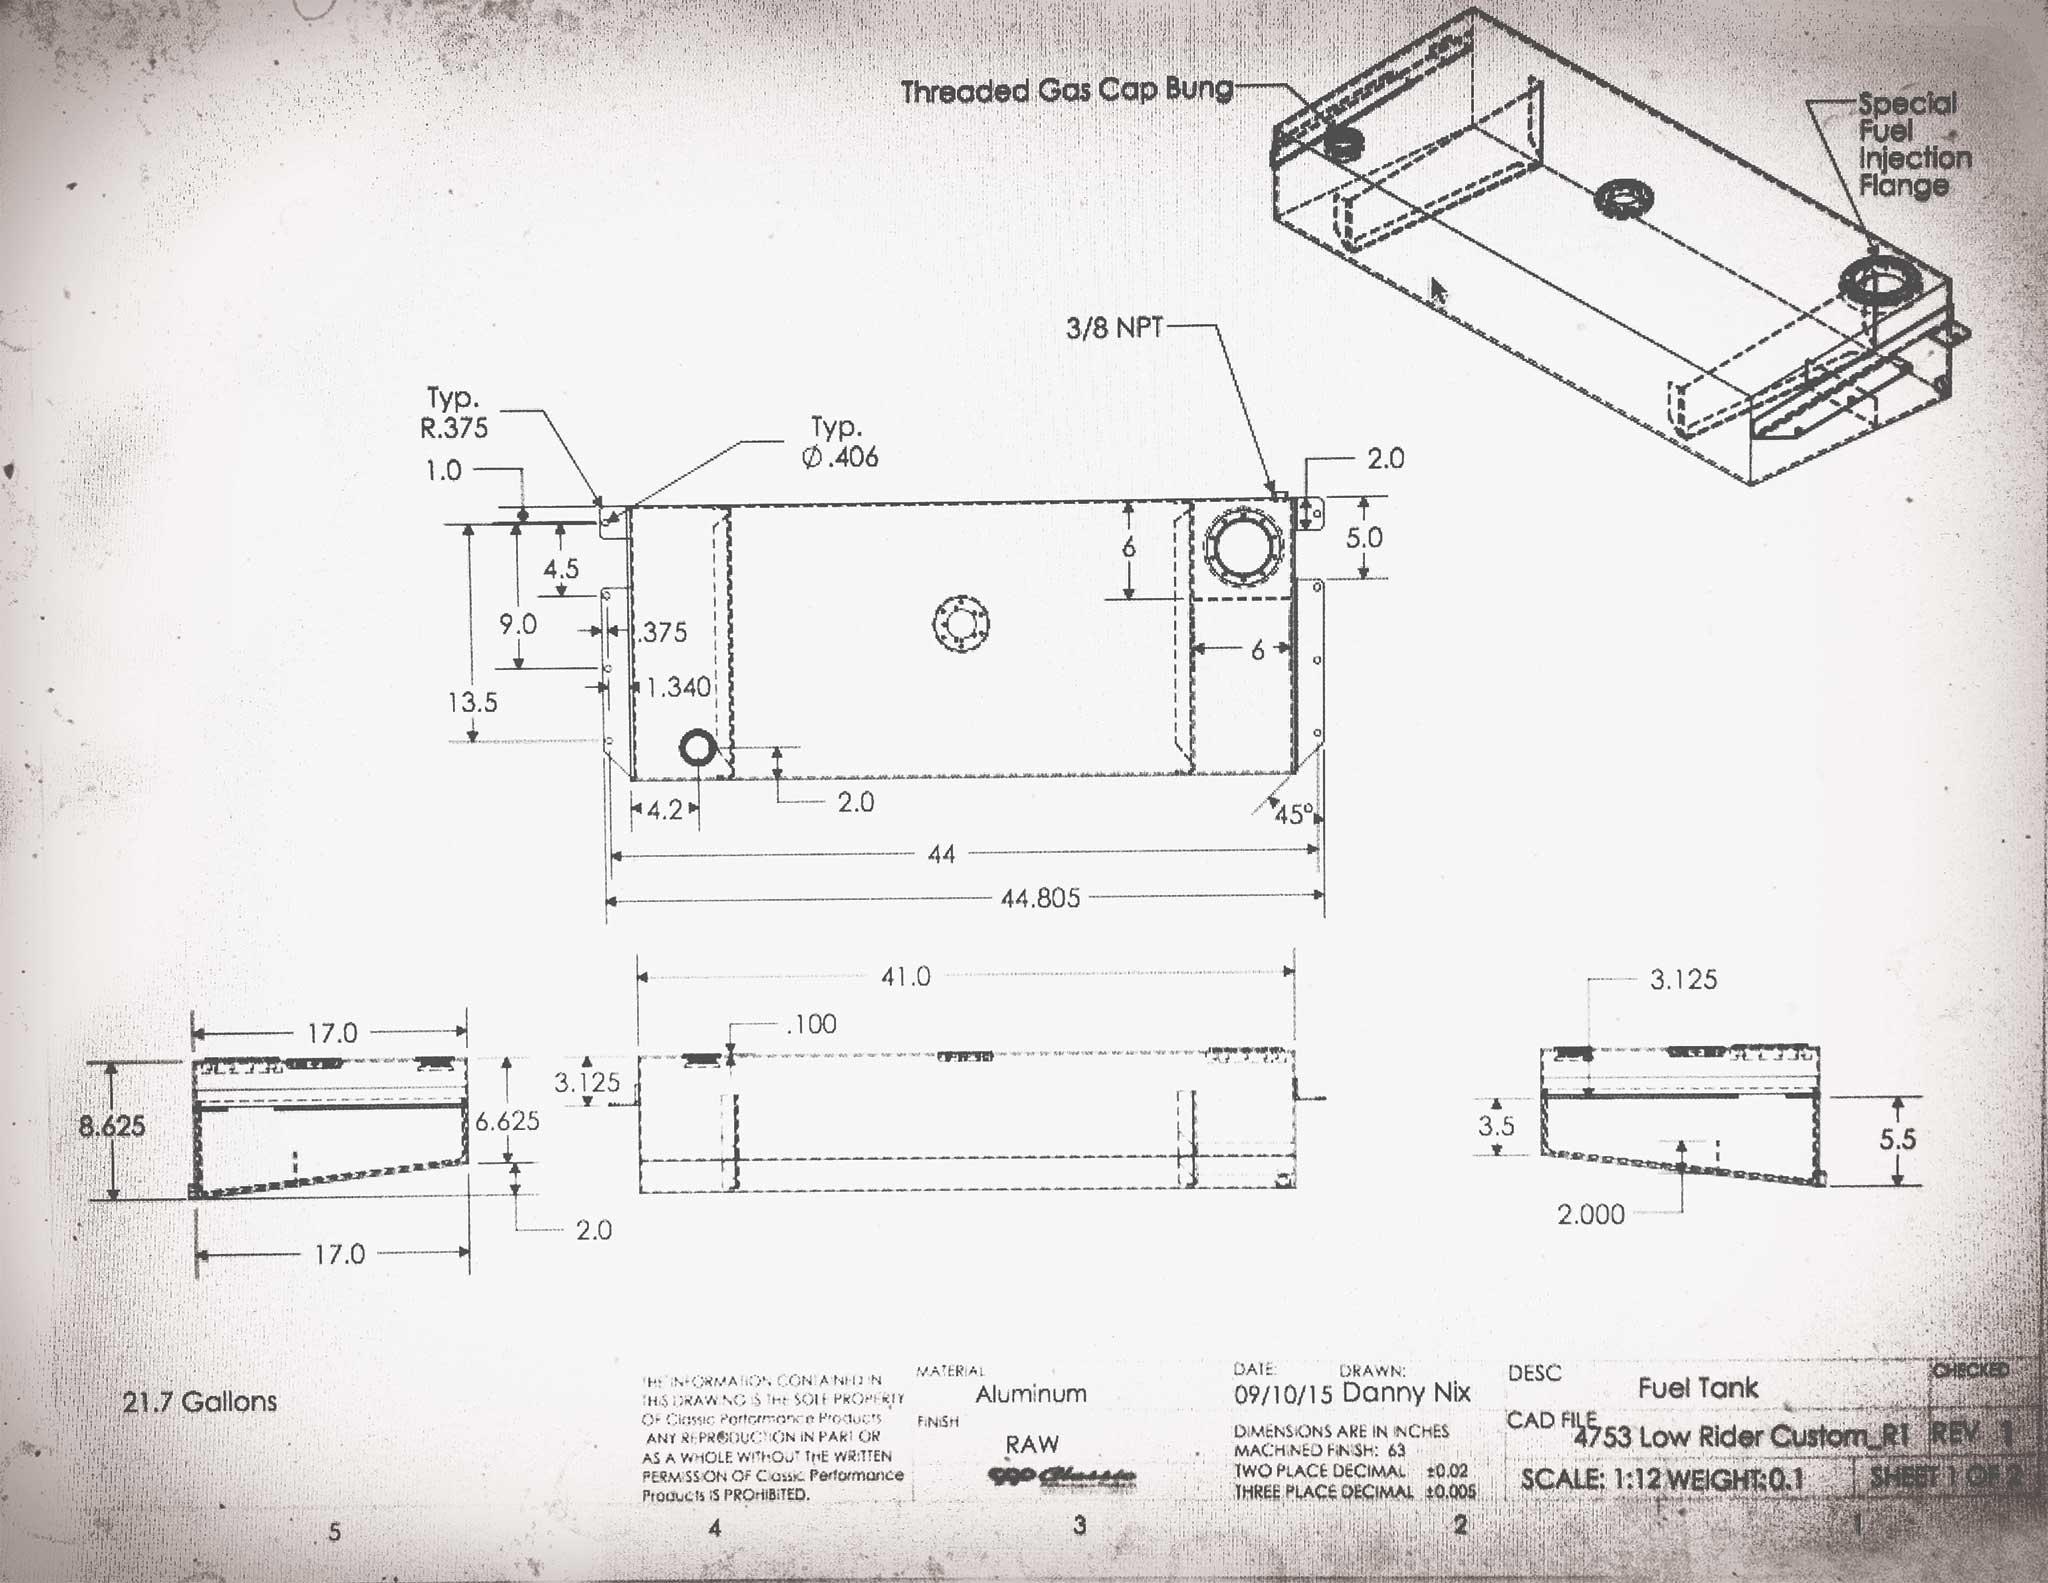 relocating a fuel tank fuel tank schematics 002